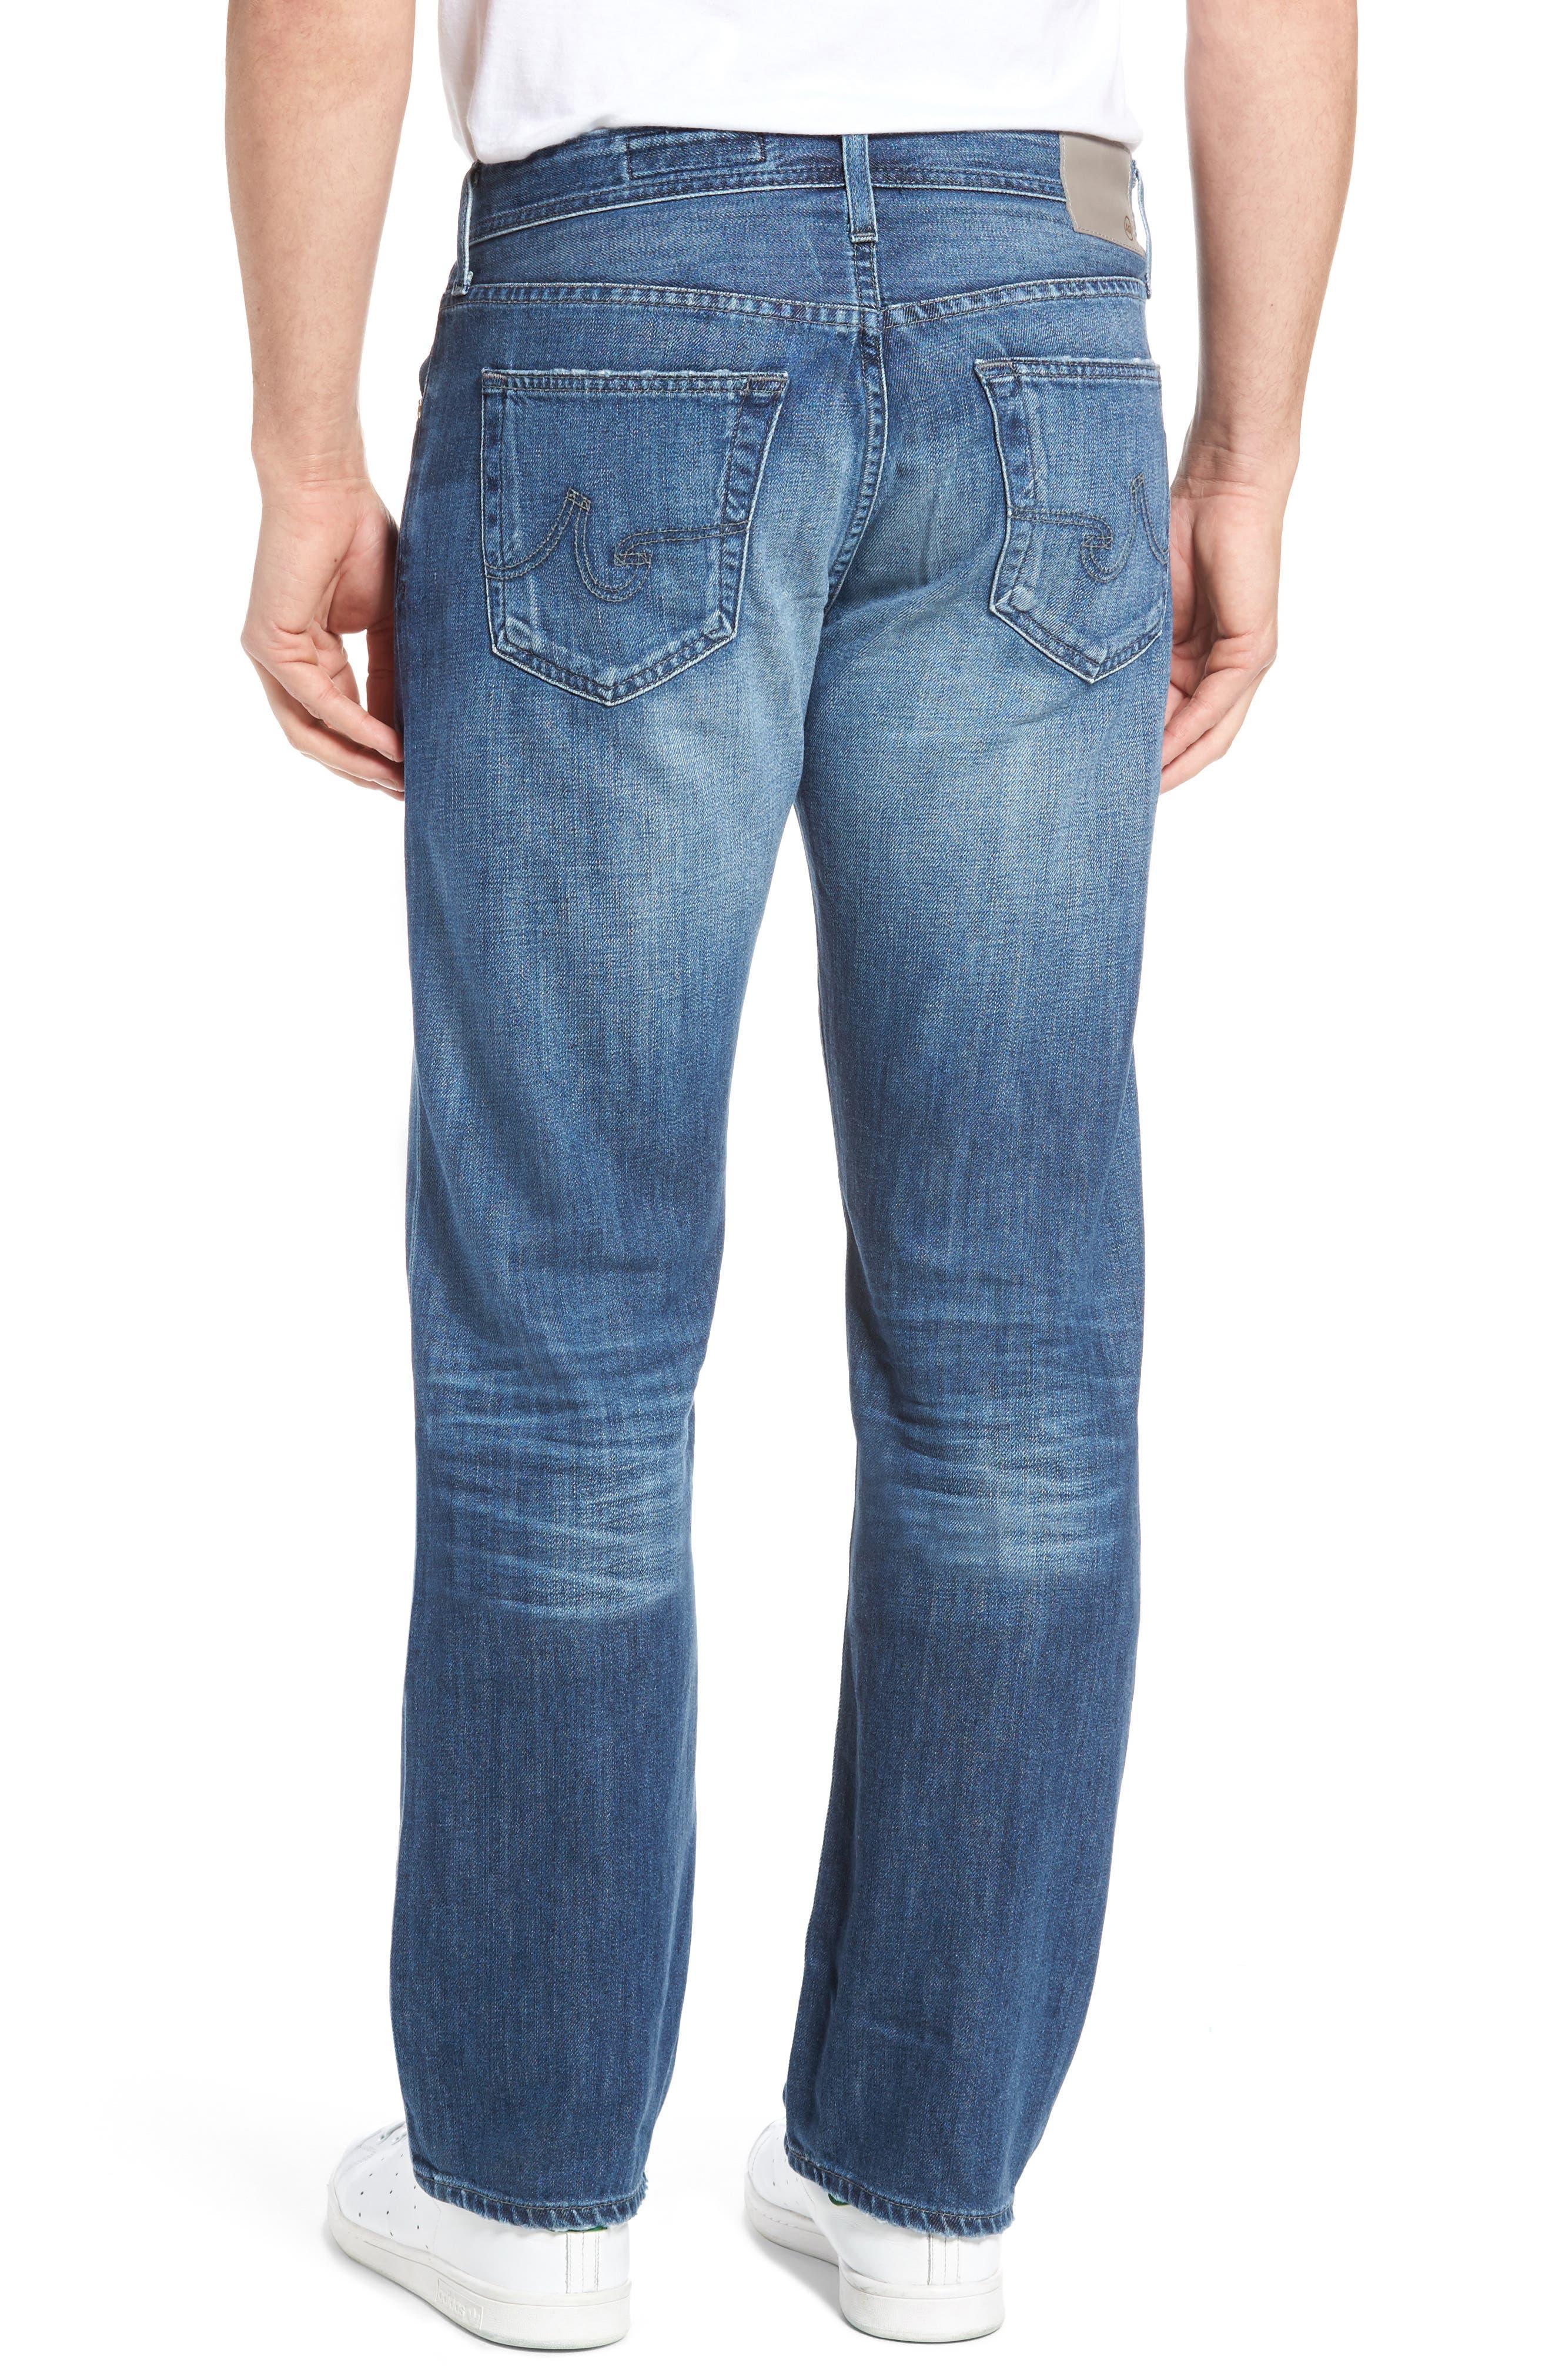 Protégé Relaxed Fit Jeans,                             Alternate thumbnail 2, color,                             472